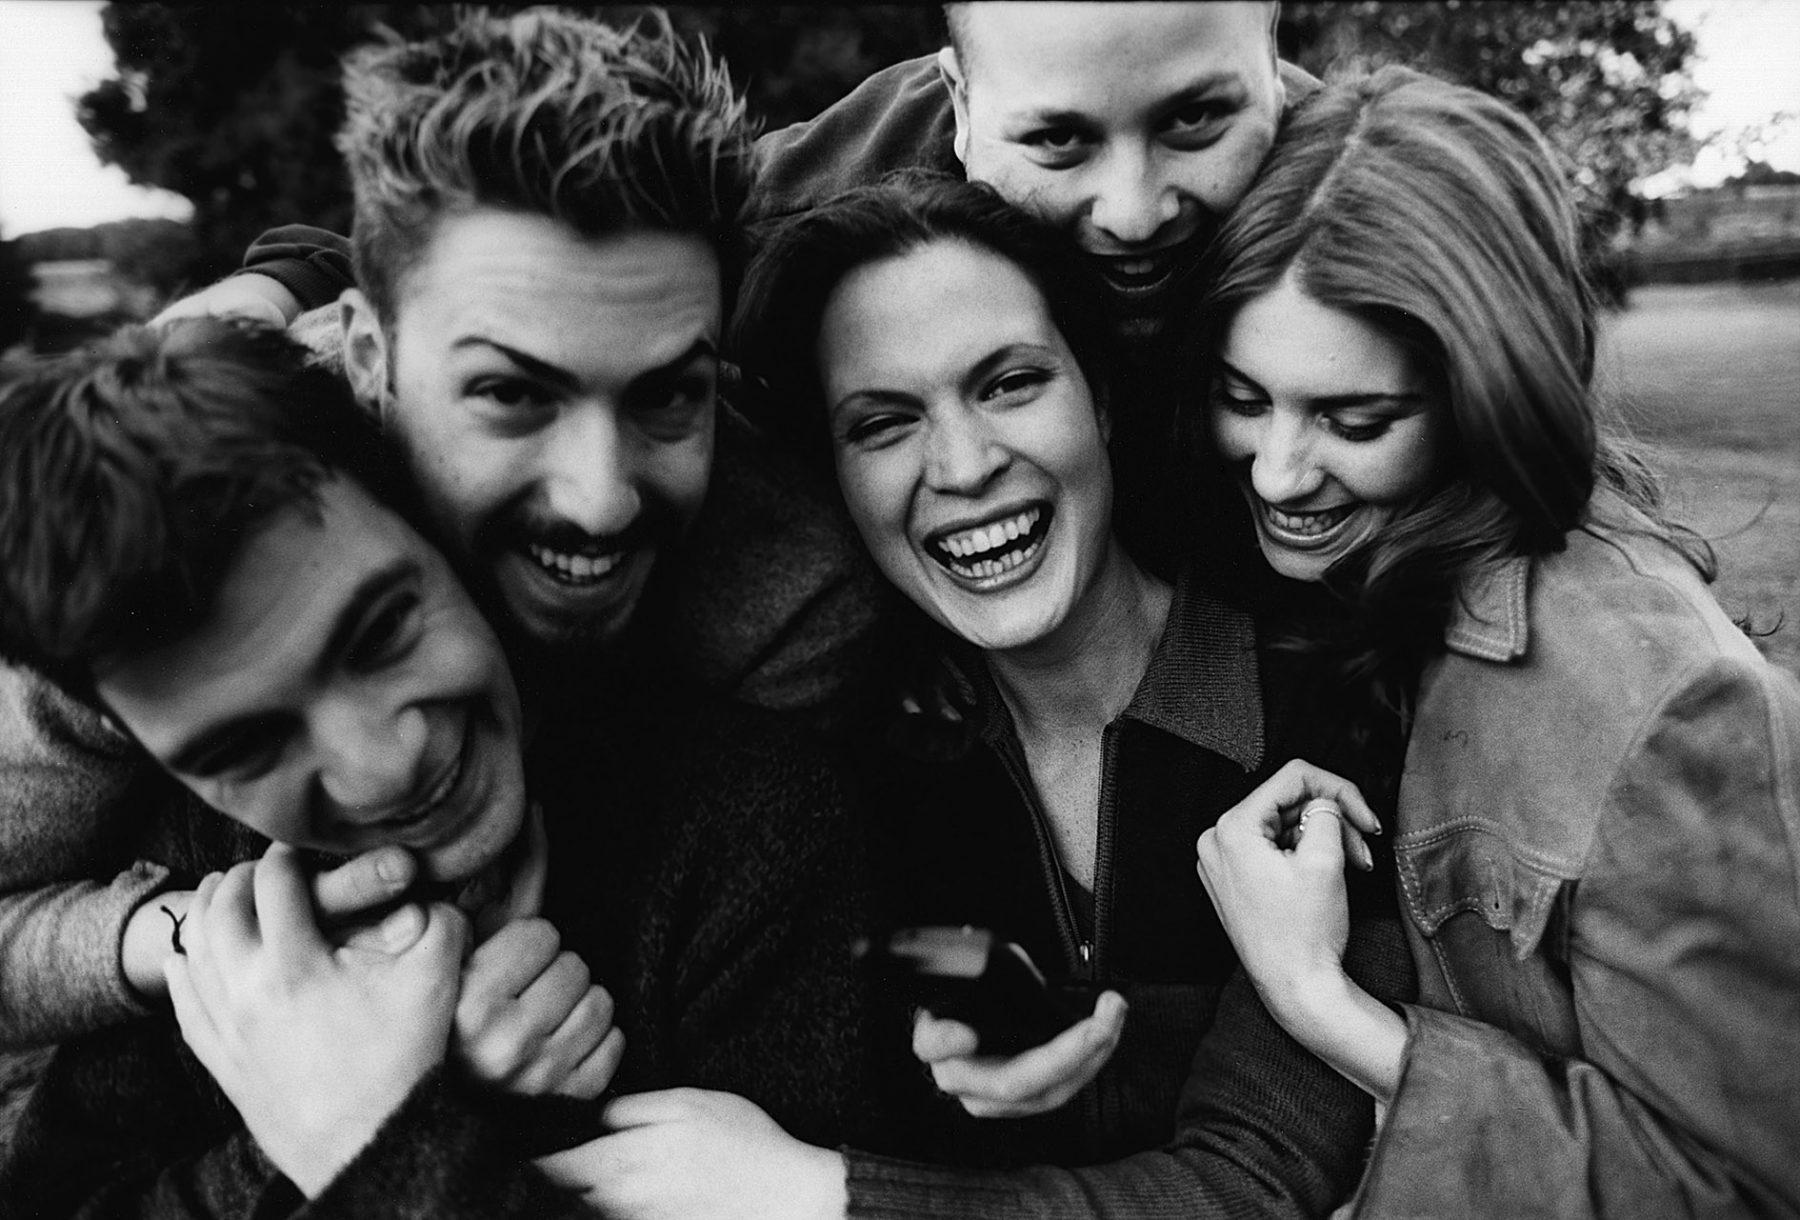 Jane e amici